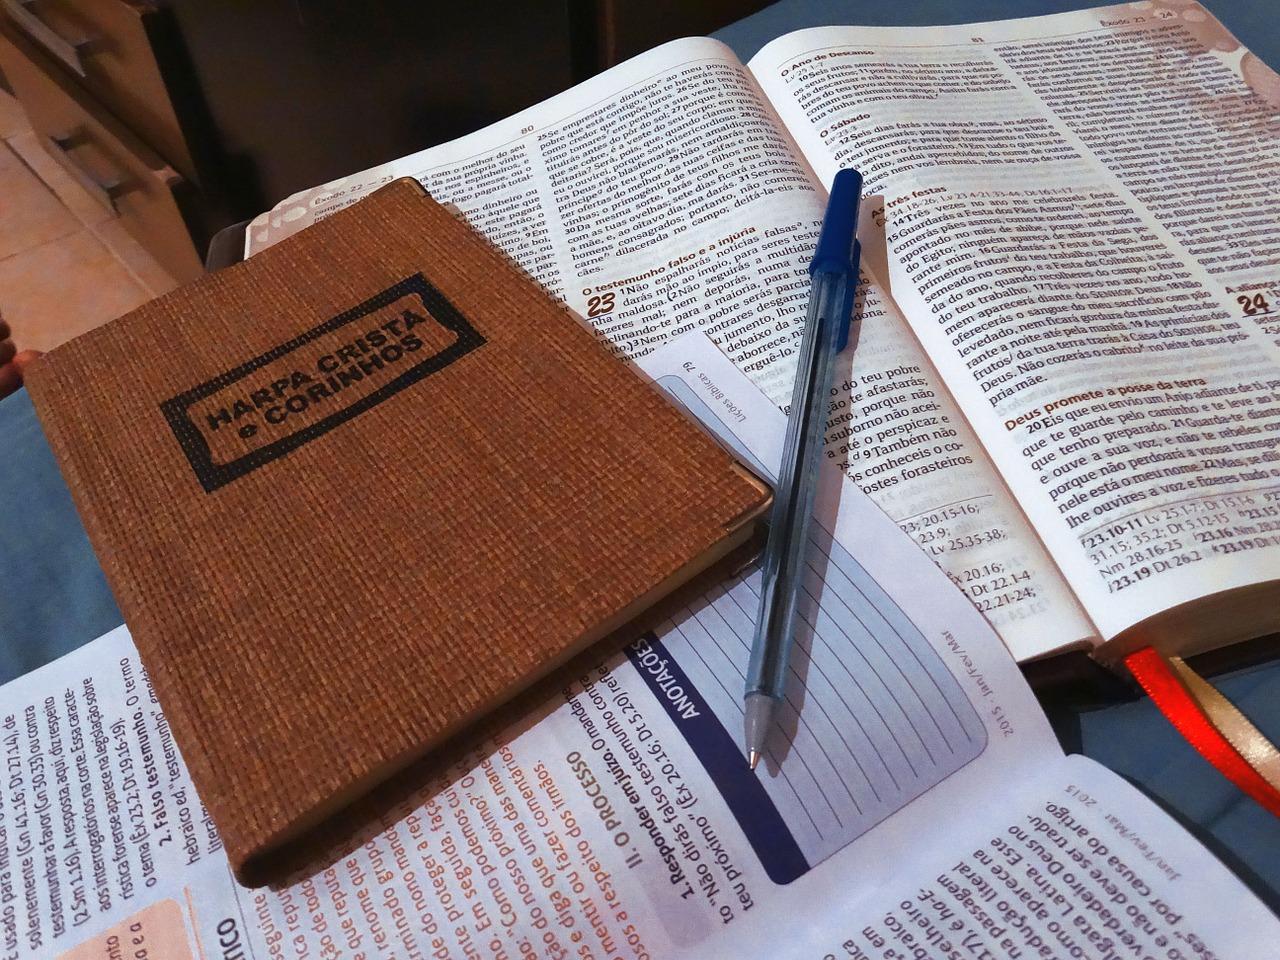 Livros com textos sagrados e bíblia.